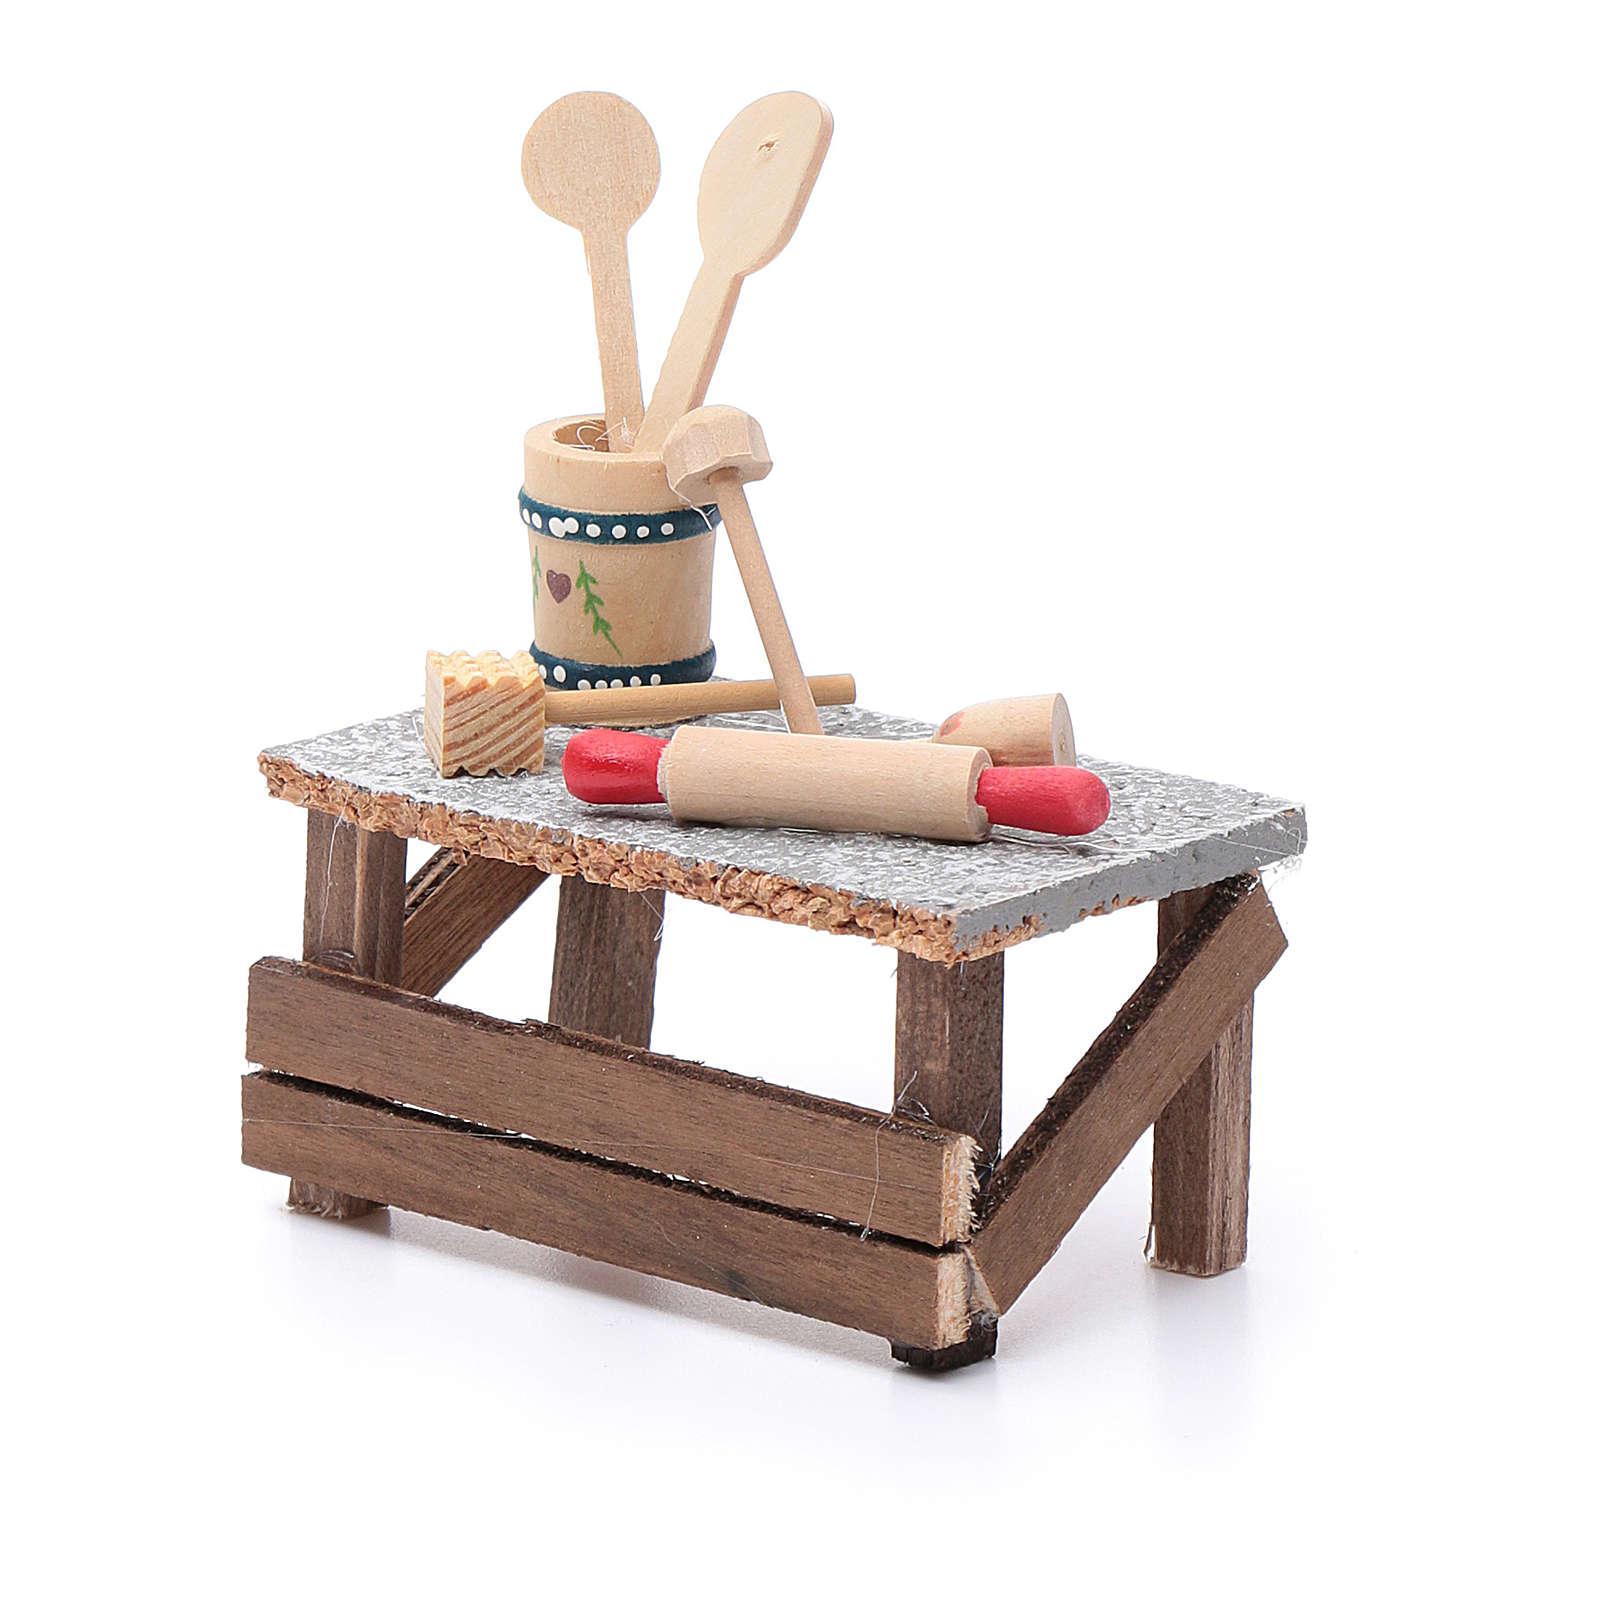 Banchetto utensili 10x10x5 cm per presepe 4